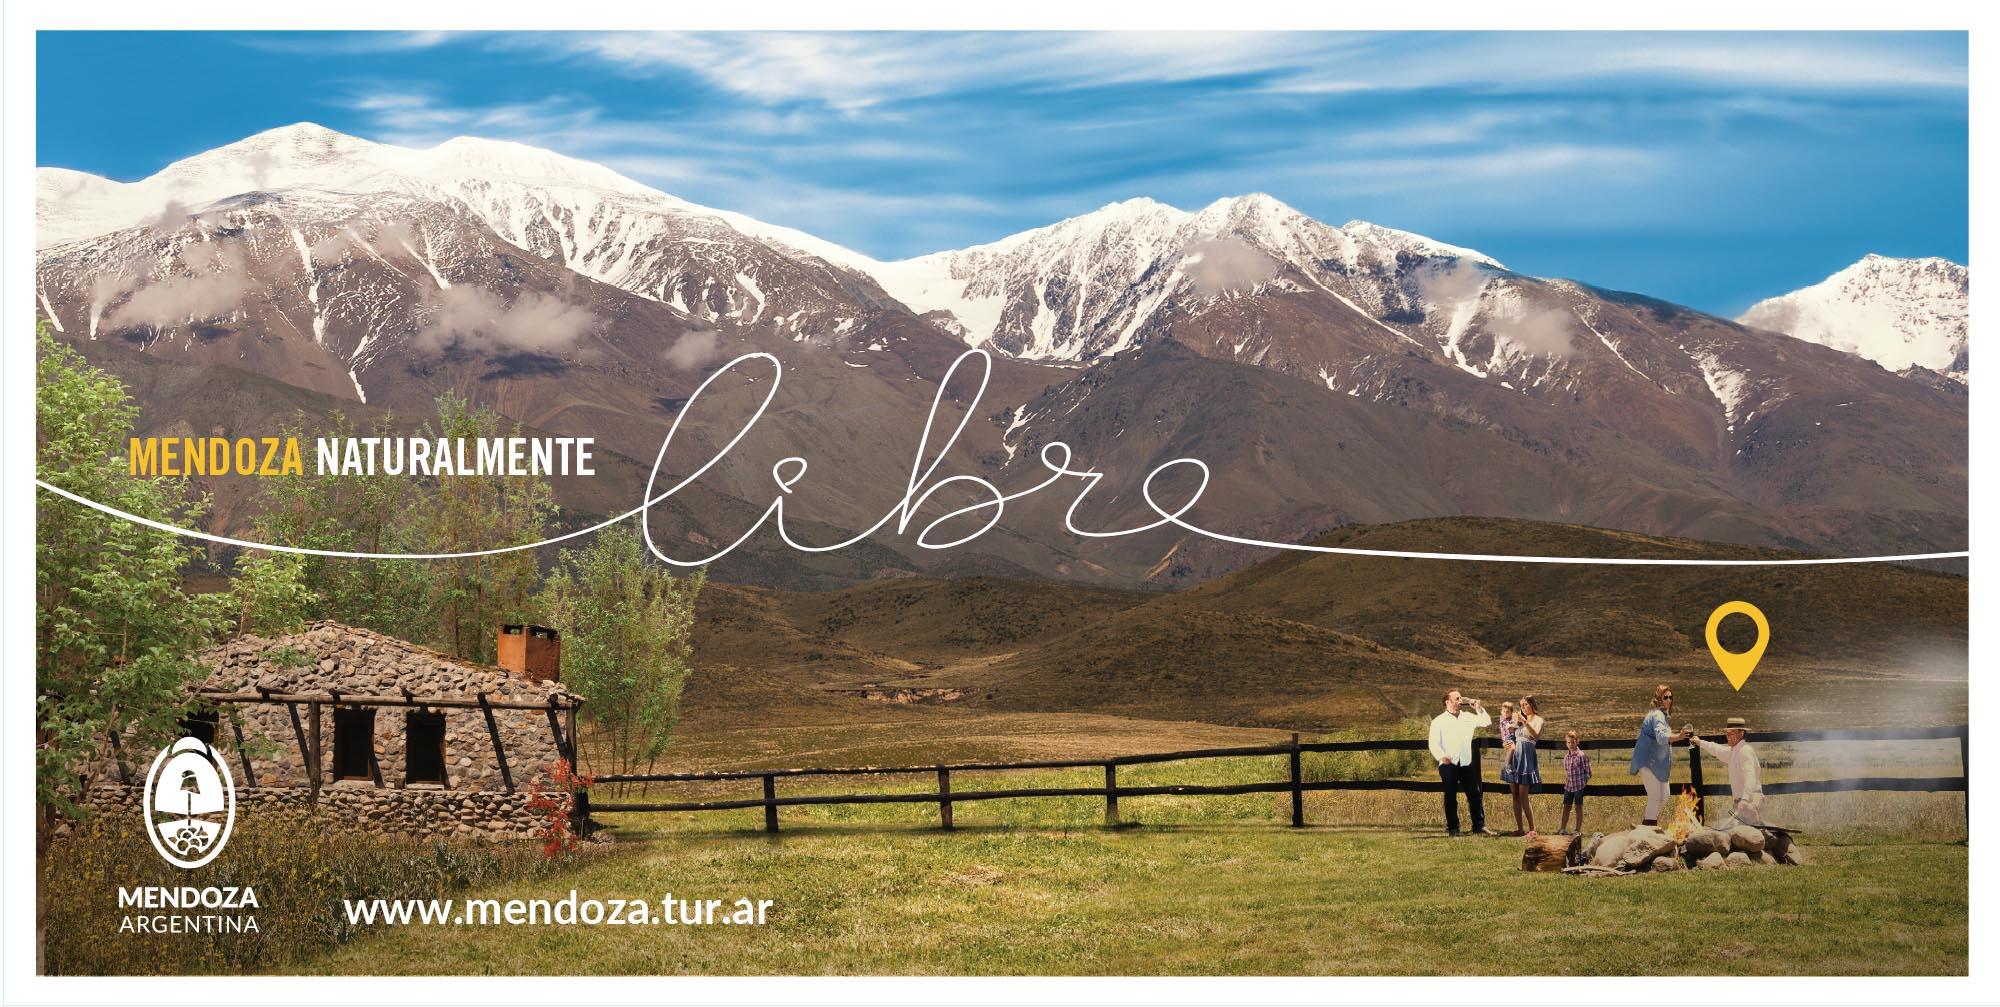 Mendoza se promociona con la gesta sanmartiniana for Espejo 70 mendoza